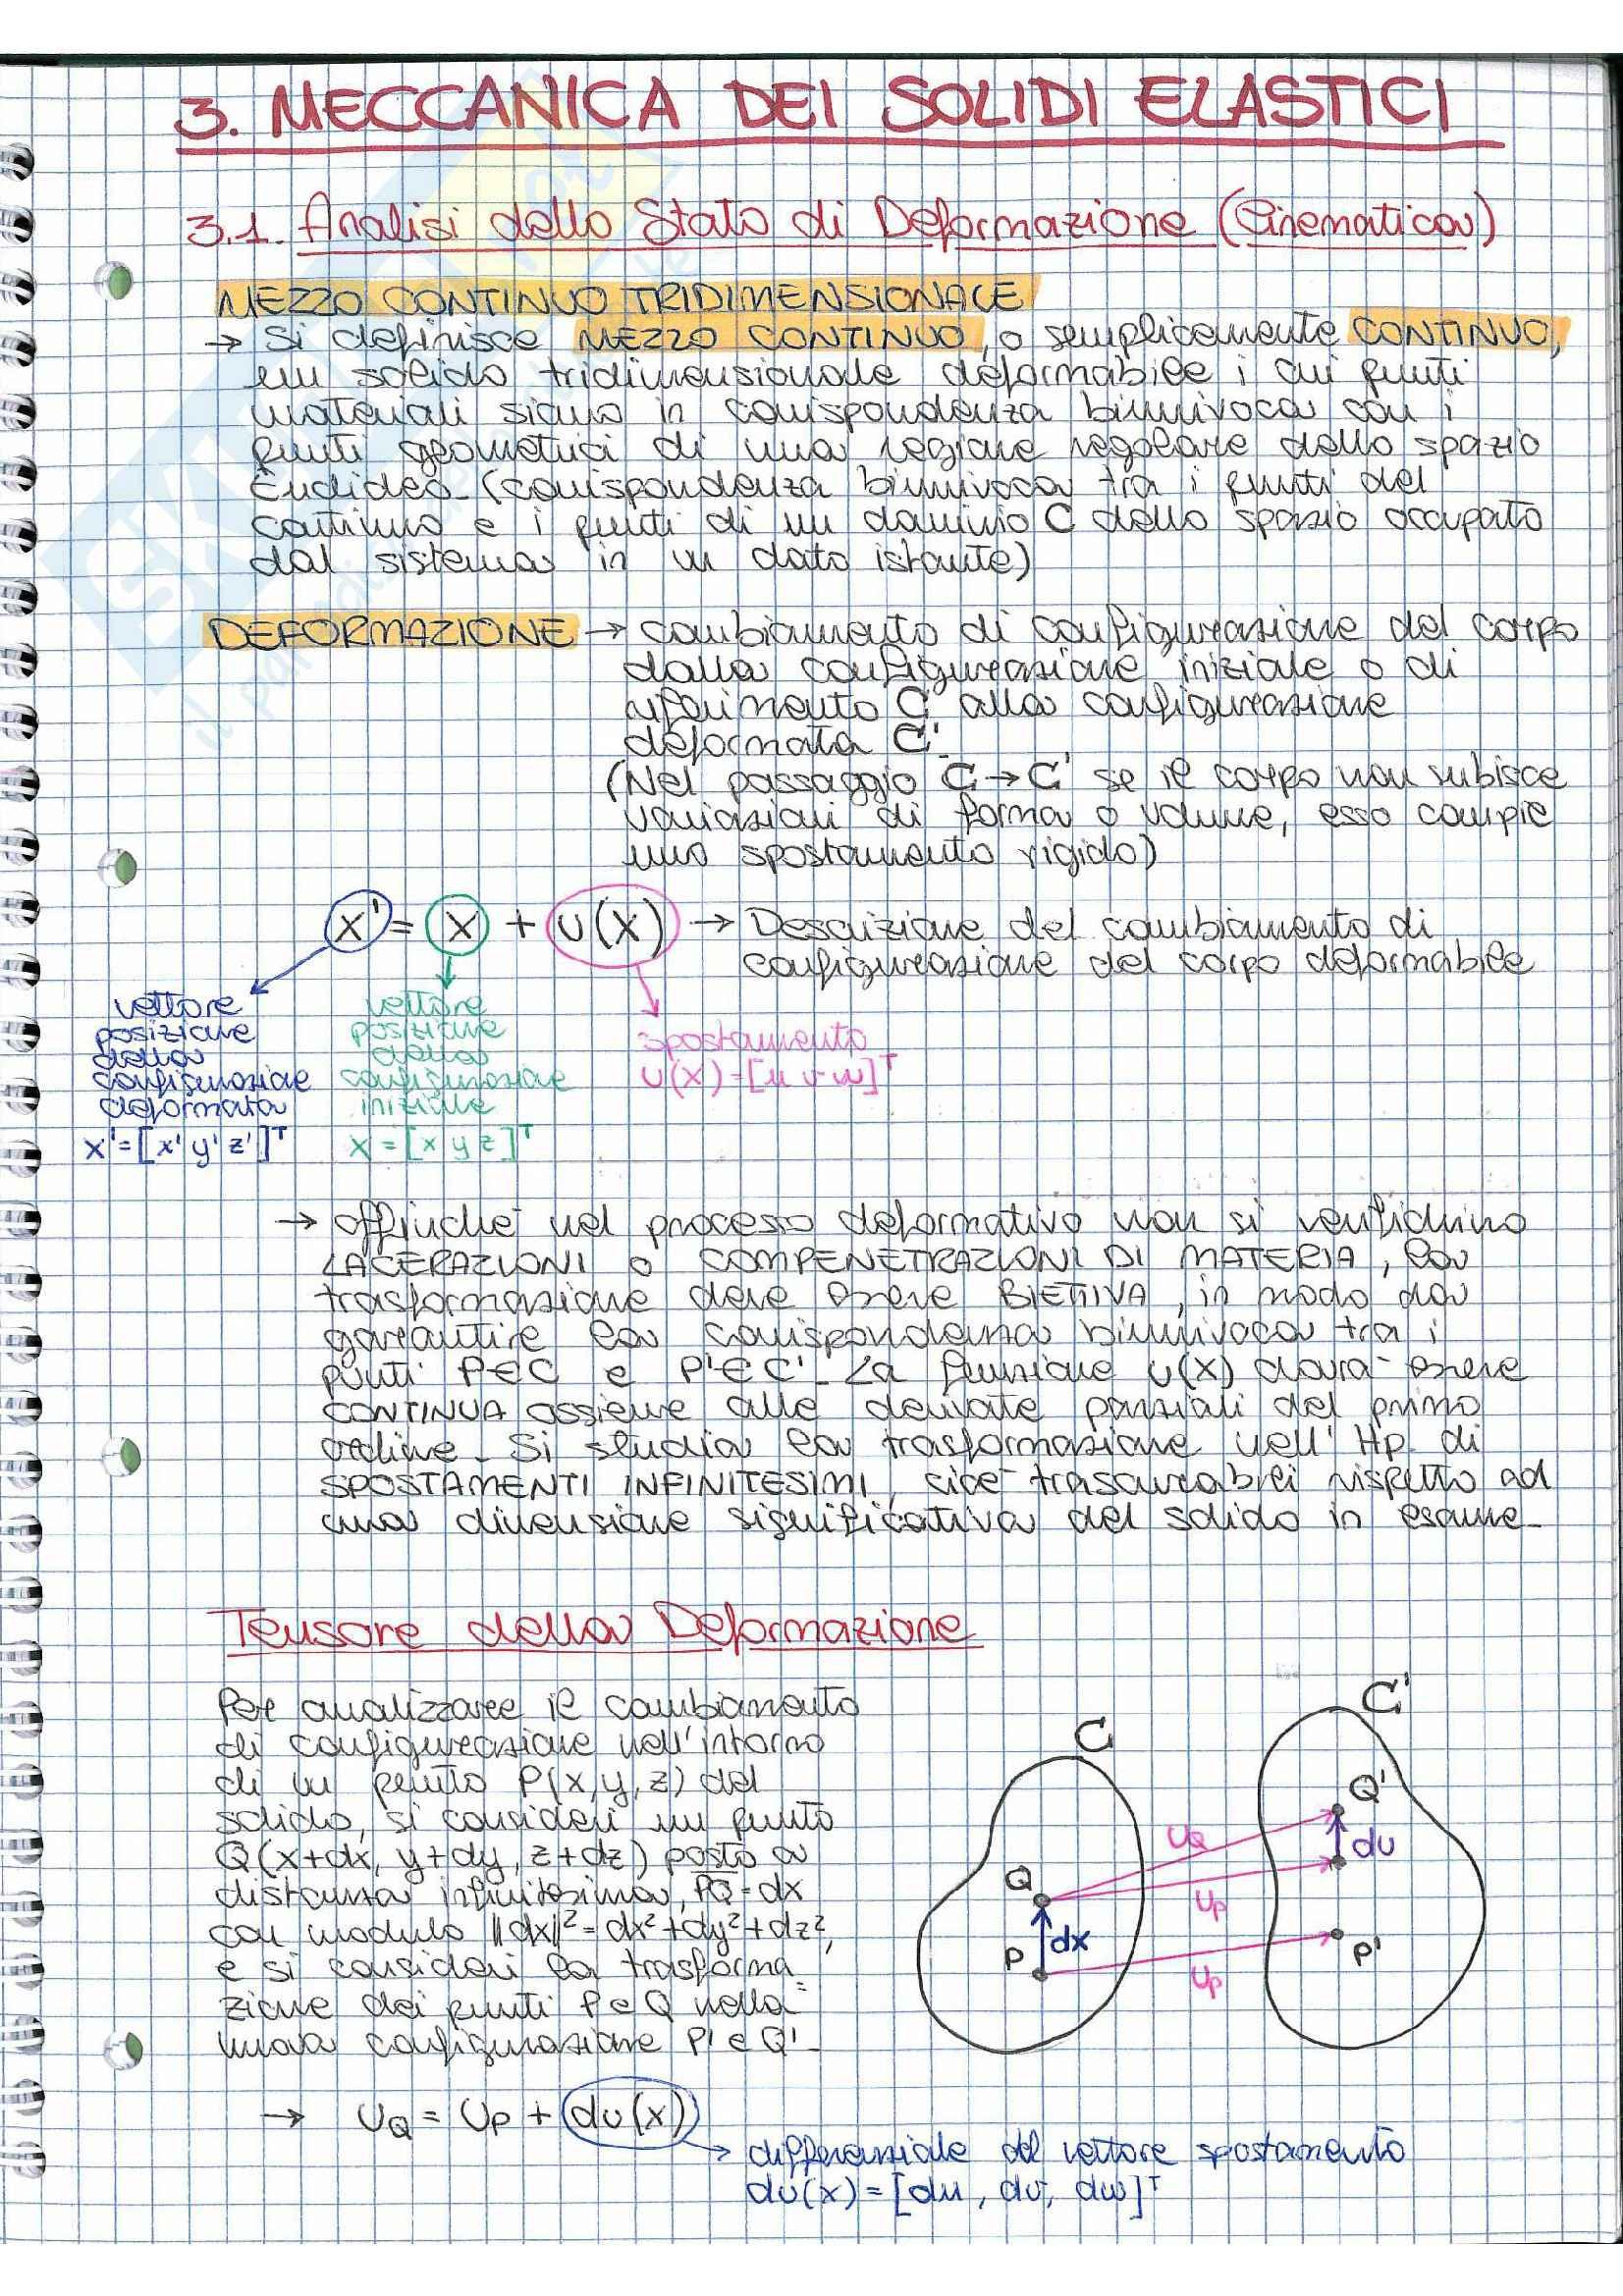 Riassunto esame Scienza delle costruzioni, prof. Vestroni, libro consigliato Rega, Vestroni: elementi di meccanica dei solidi